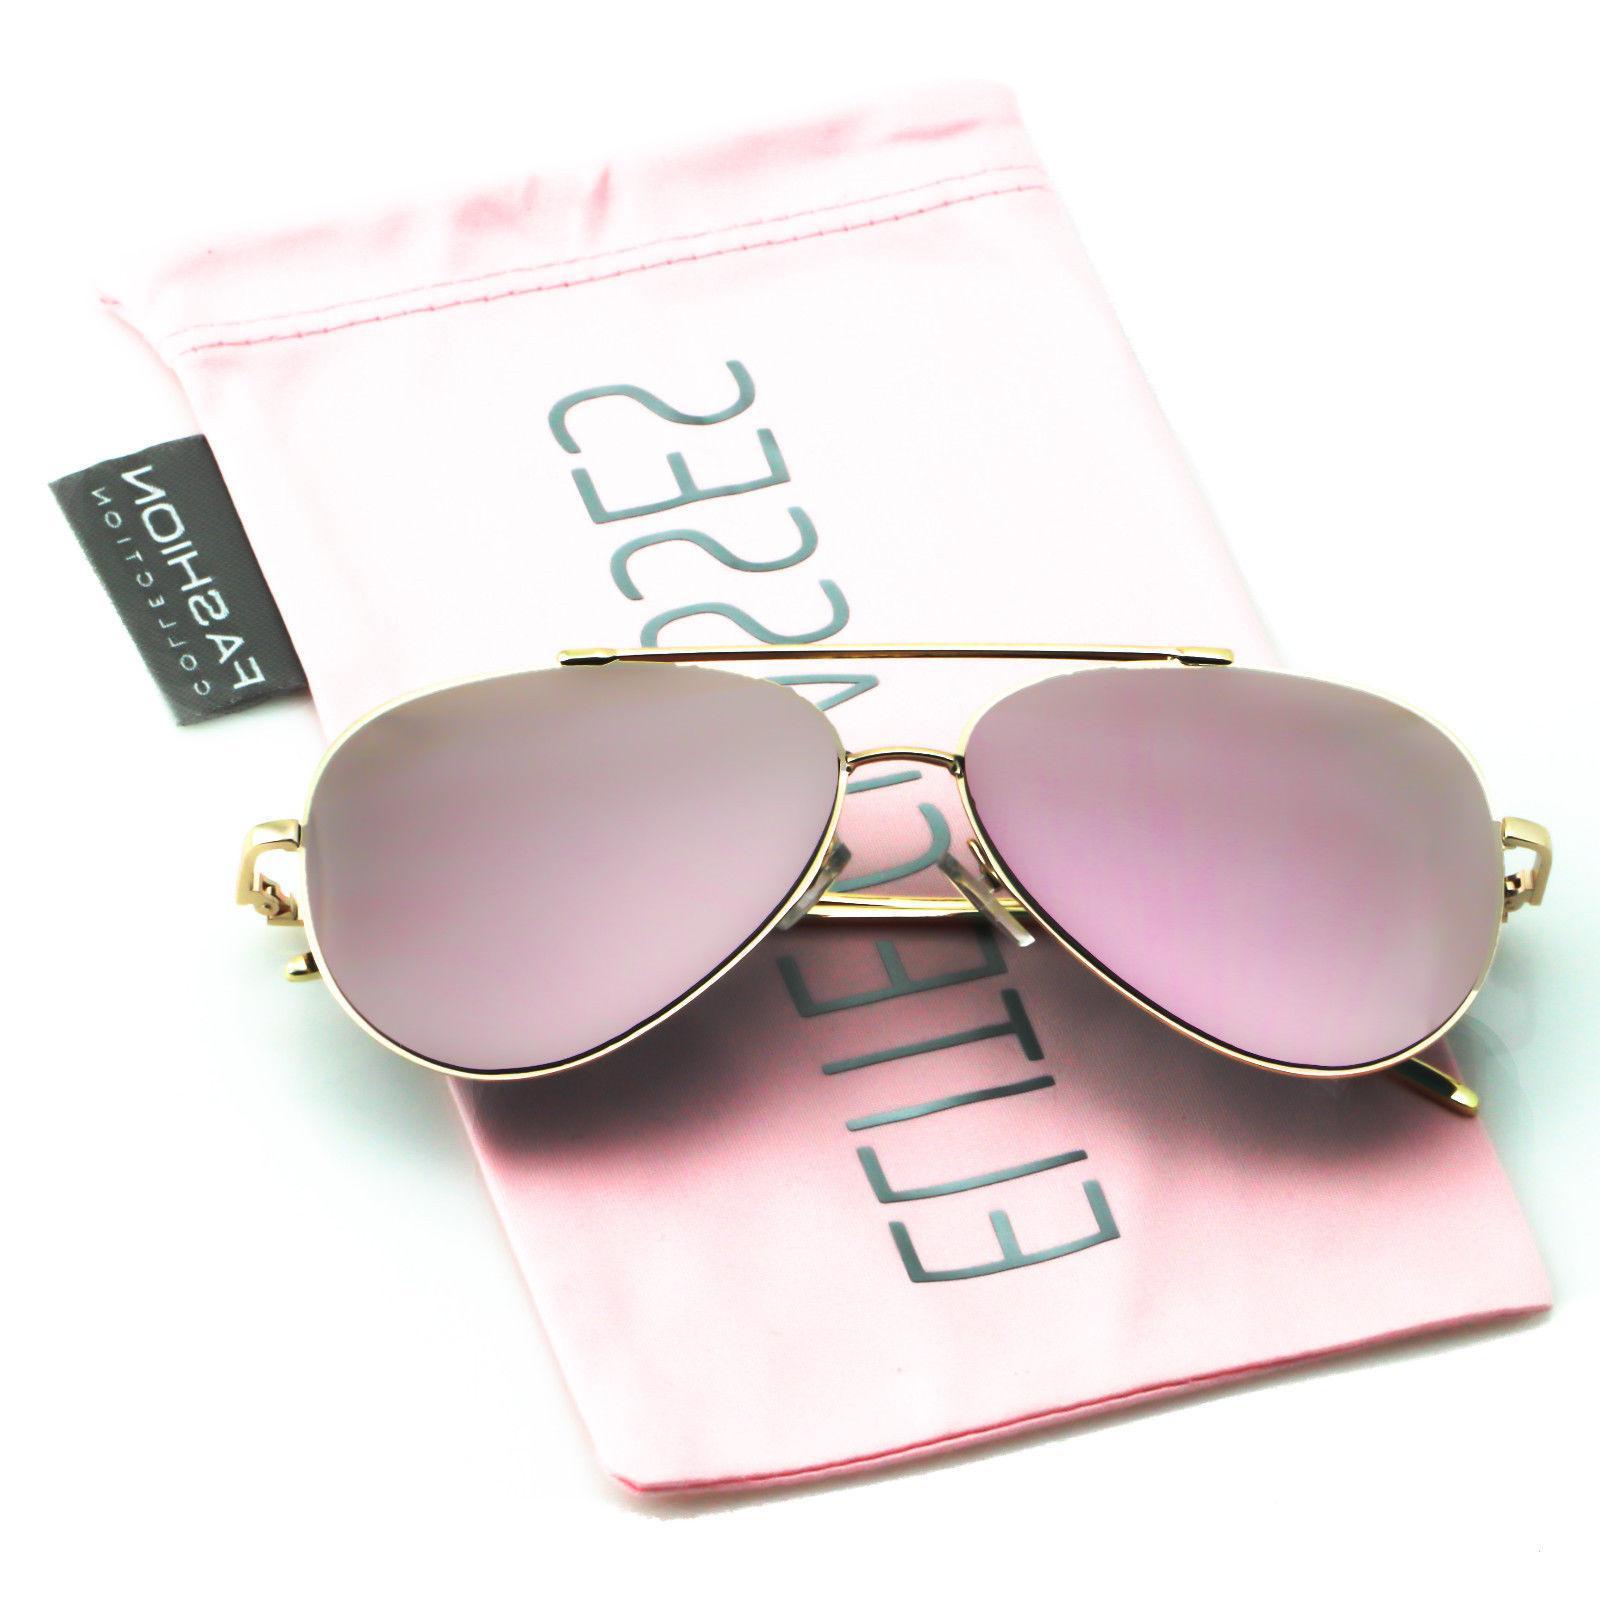 Rose Gold Women Sunglasses Aviator Mirrored Metal Oversized